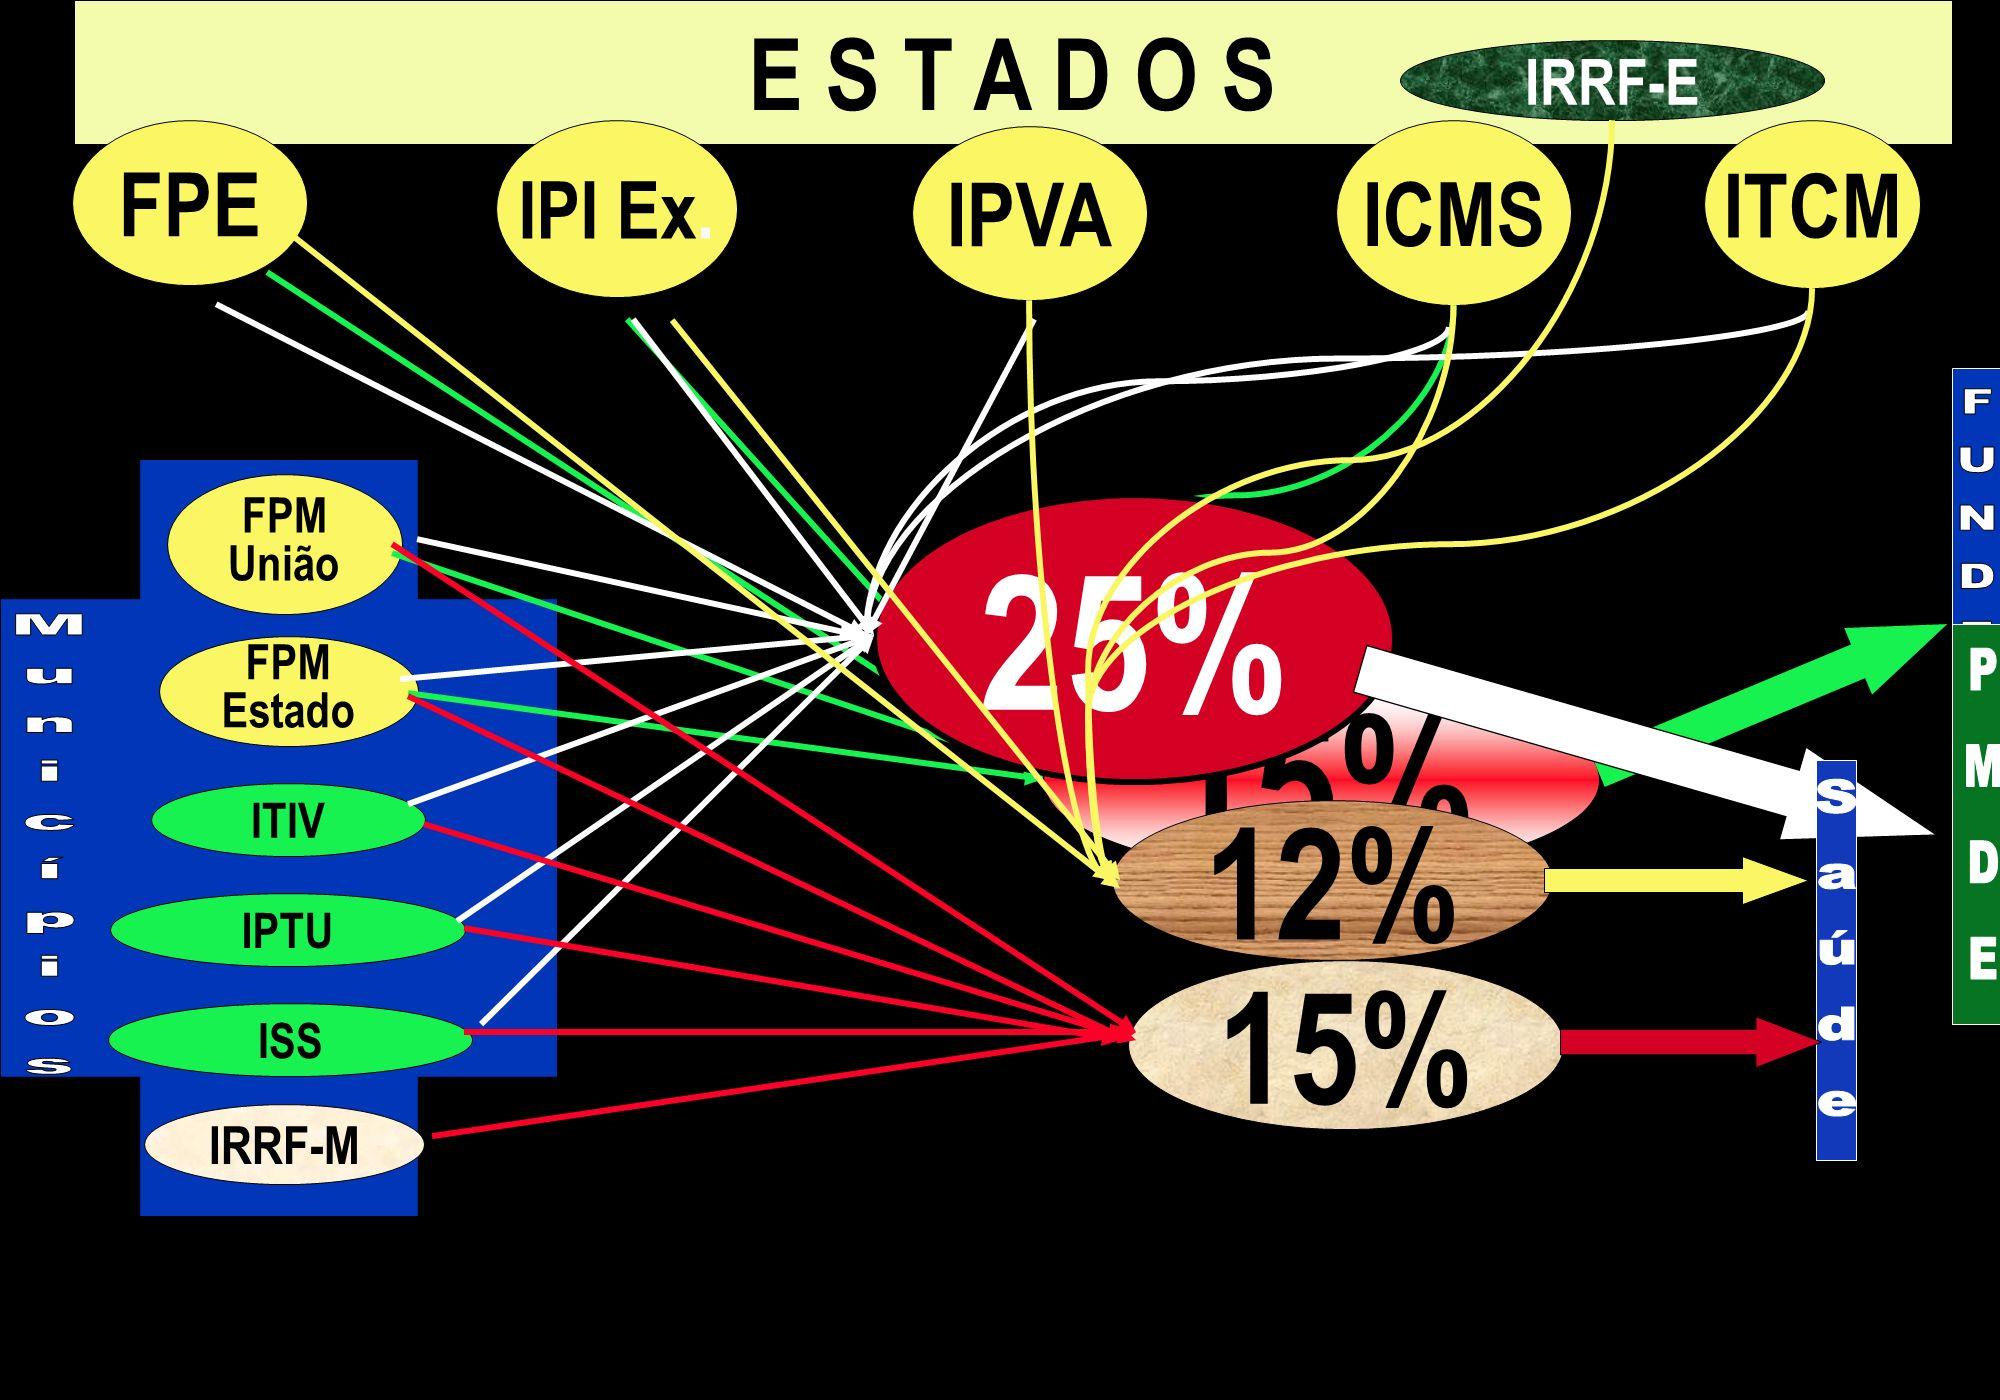 IPTU ITIV ISS FPM União FPM Estado E S T A D O S ITCM ICMS IPVA IPI Ex. FPE 15% 25% IRRF-E 12% IRRF-M 15%